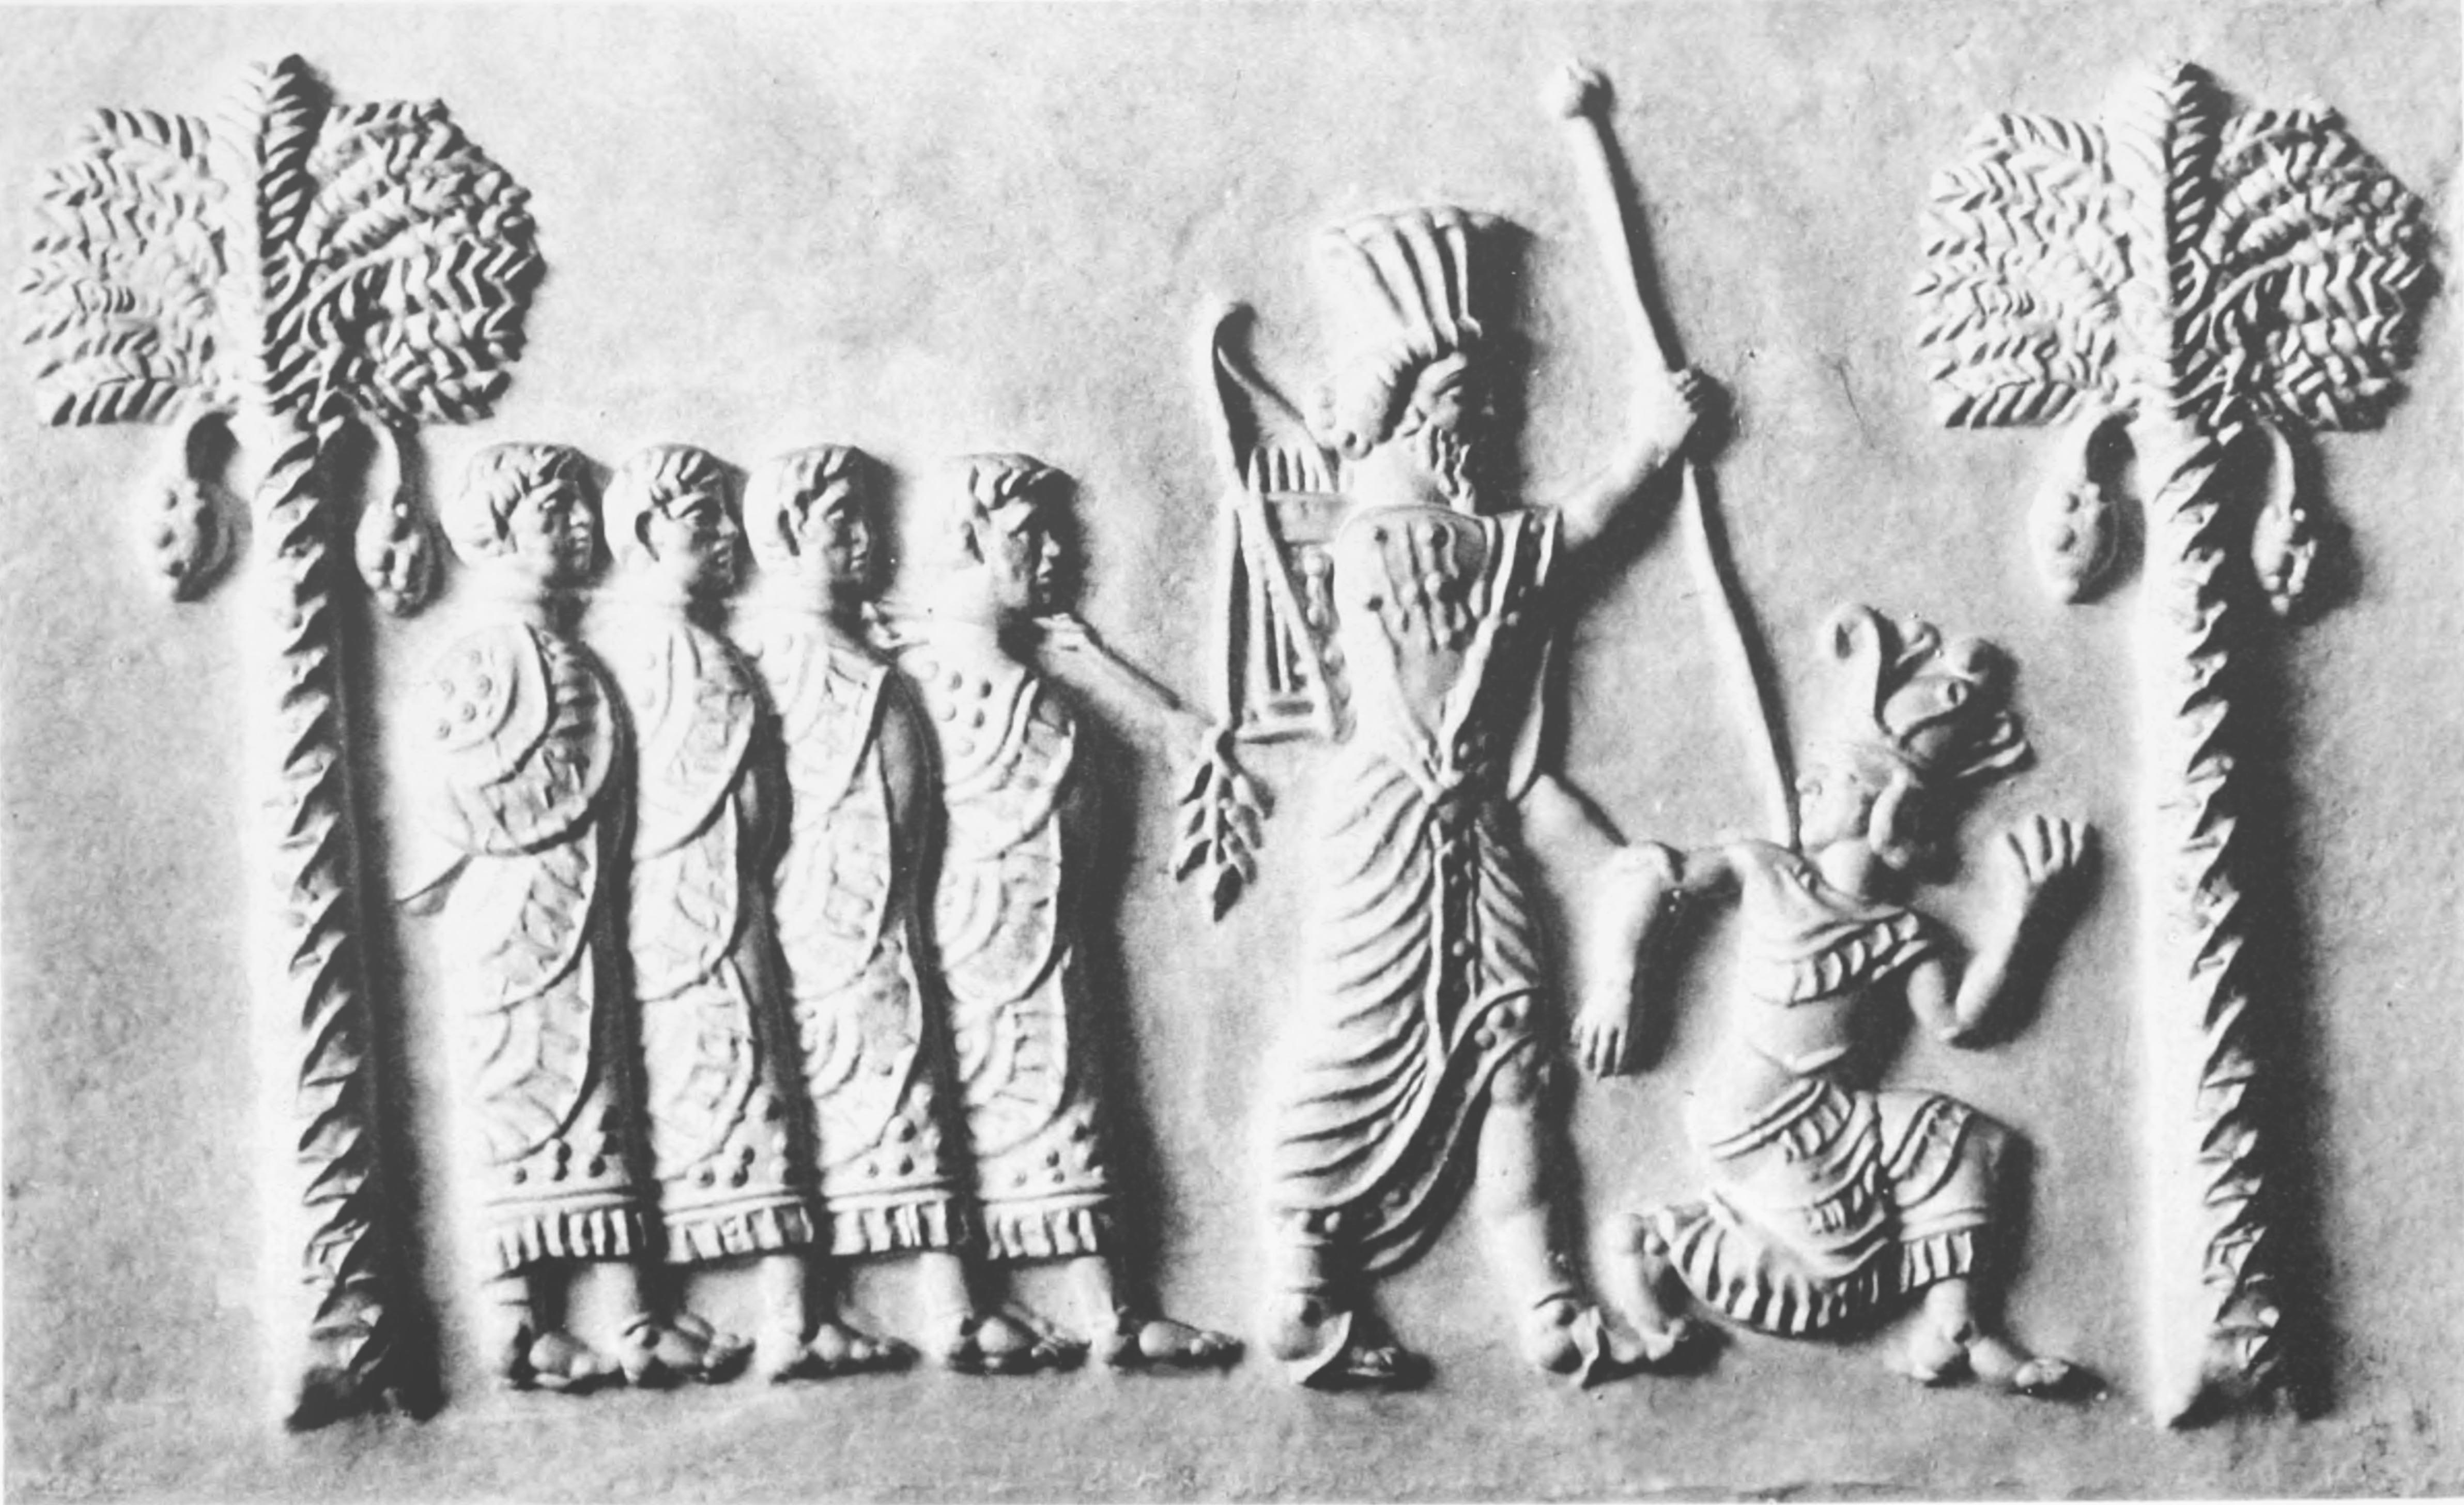 上图:波斯阿契美尼德帝国时代印章上的图案《波斯国王和被打败的敌人Persian king and the defeated enemies》,描绘的可能就是亚达薛西王打败埃及叛军的情景。波斯王一只手抓住跪着的埃及王,另一只手握着长矛,后面用一根绳子牵着四个俘虏。